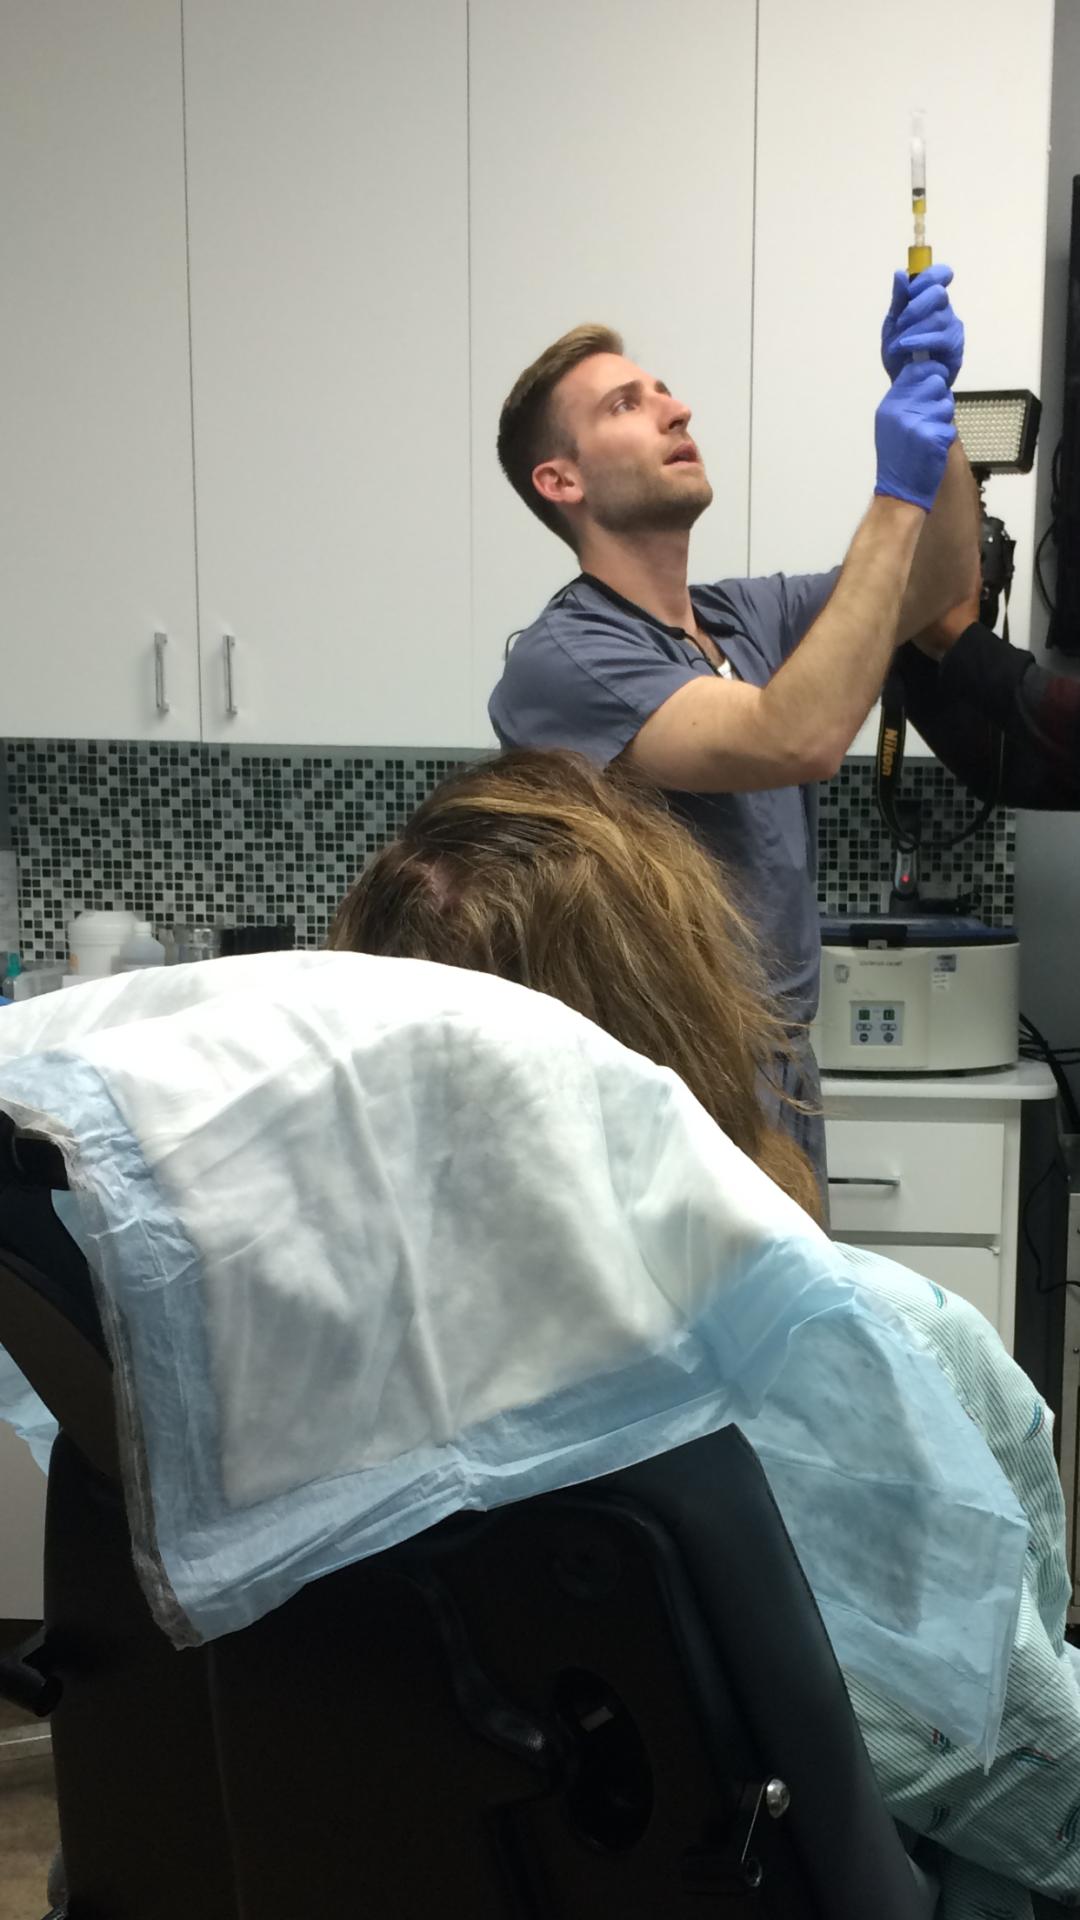 hair loss treatment Mesquite